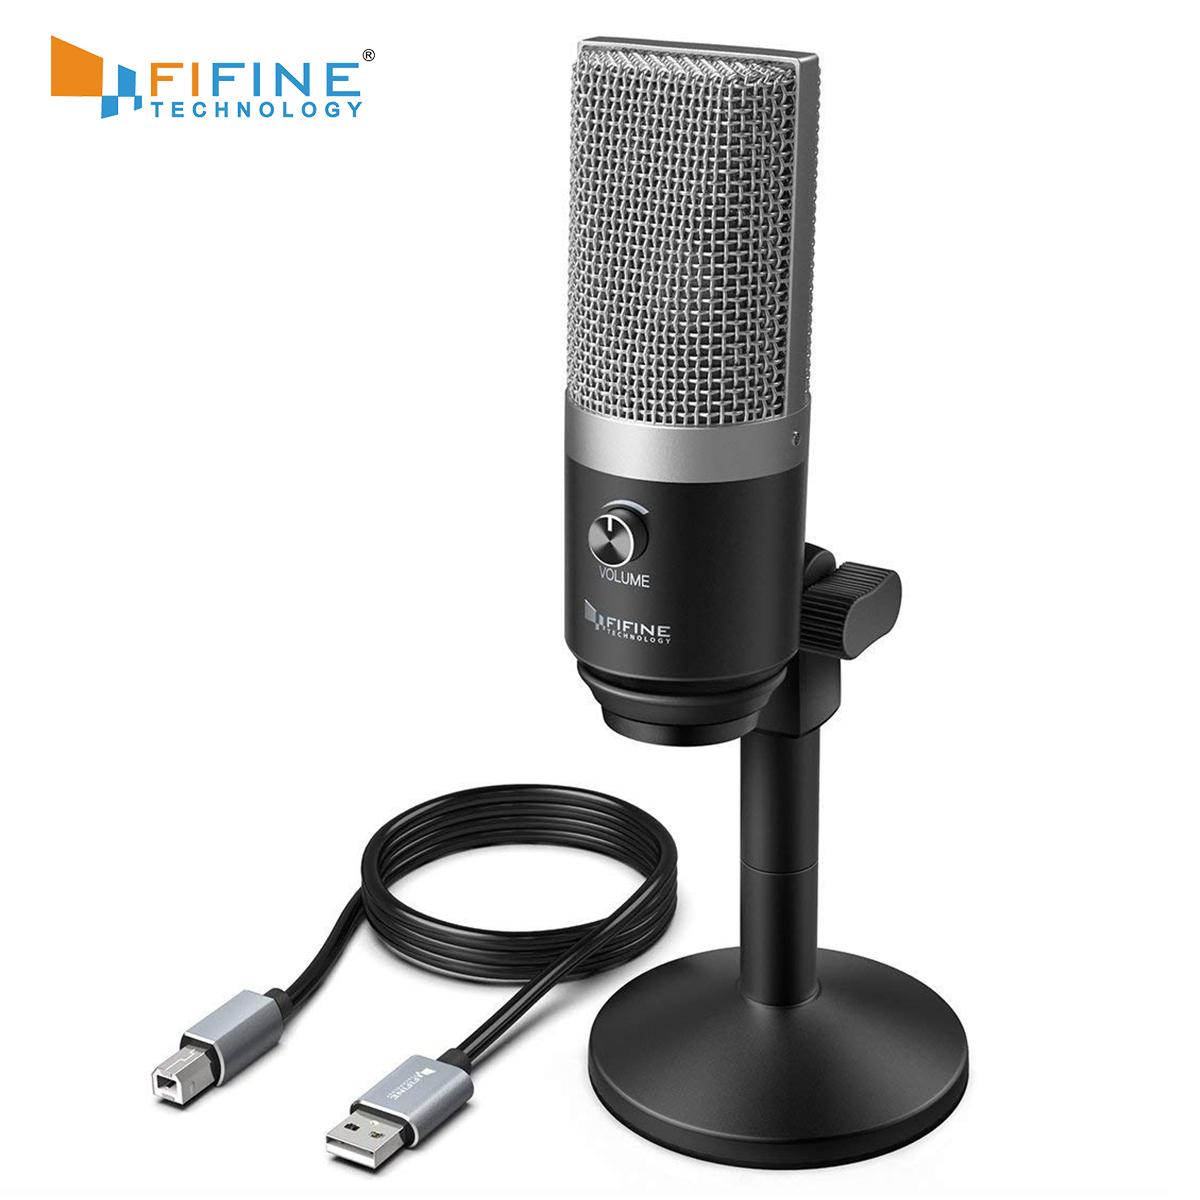 Podcast FIFINE USB Wired Vocal Microfone Estúdio de Gravação do Microfone do computador Kit